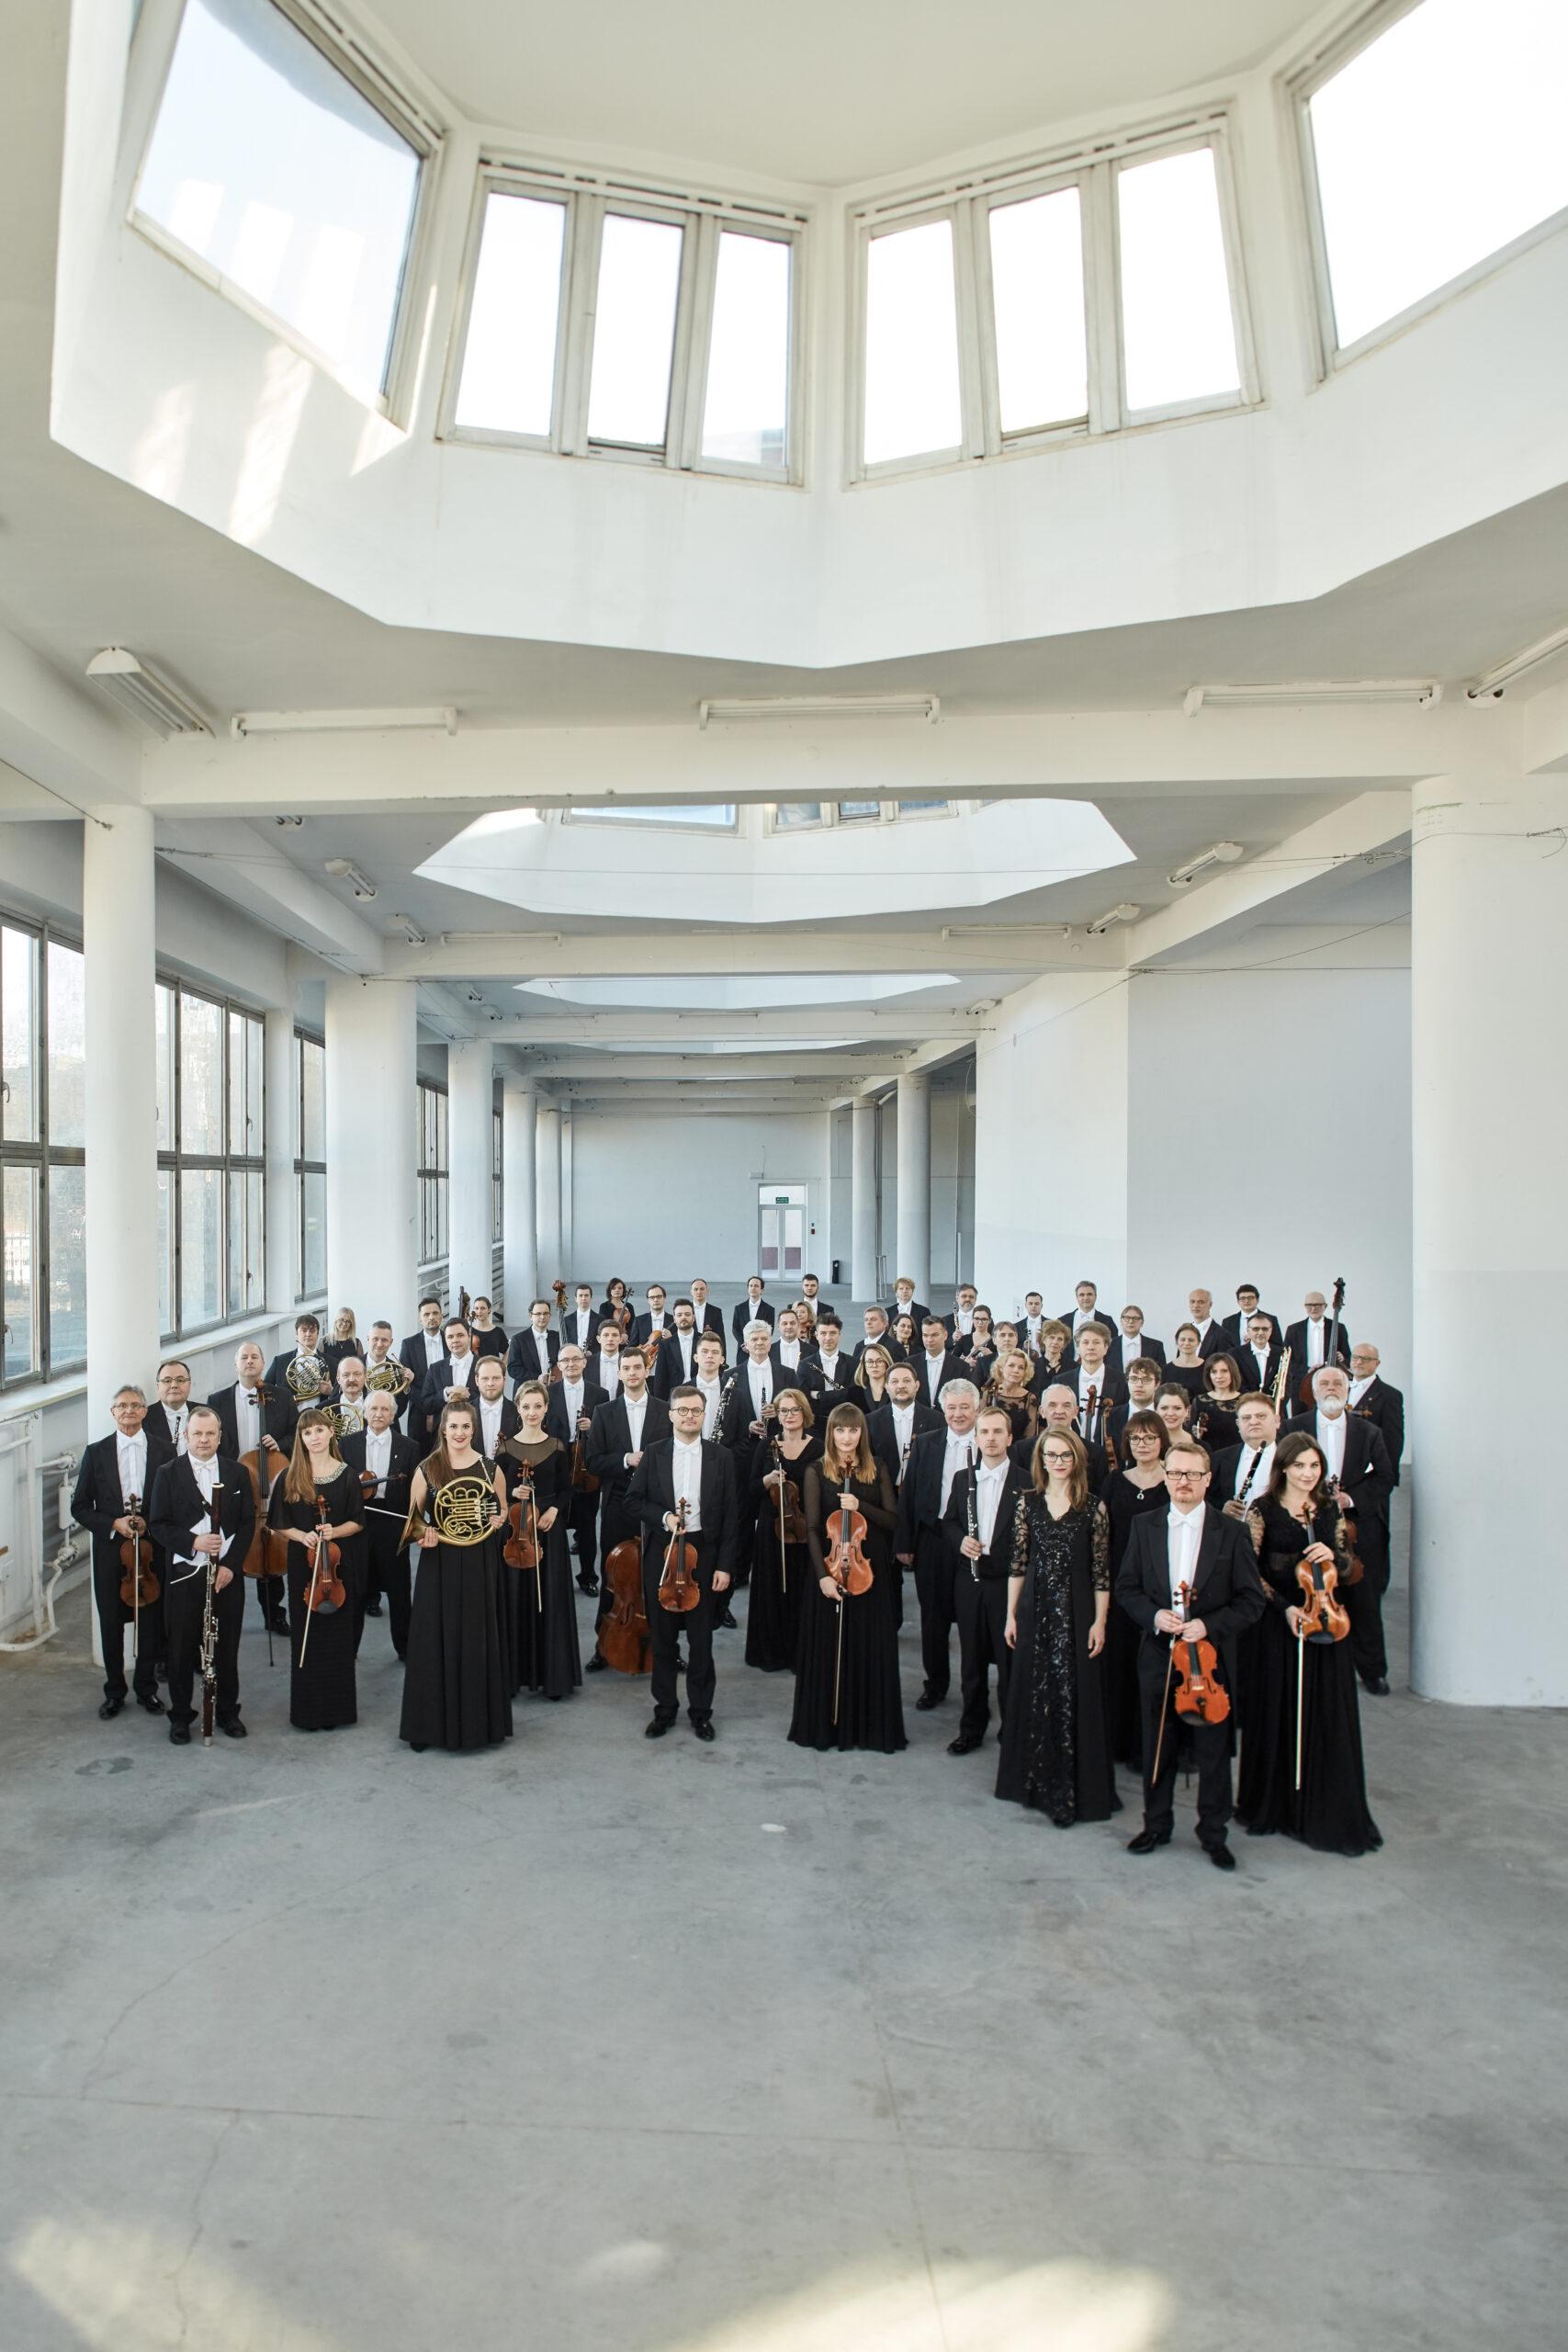 orkiestra sinfonia varsovia ludzie z instrumentami w czarnych strojach na tle białych ścian